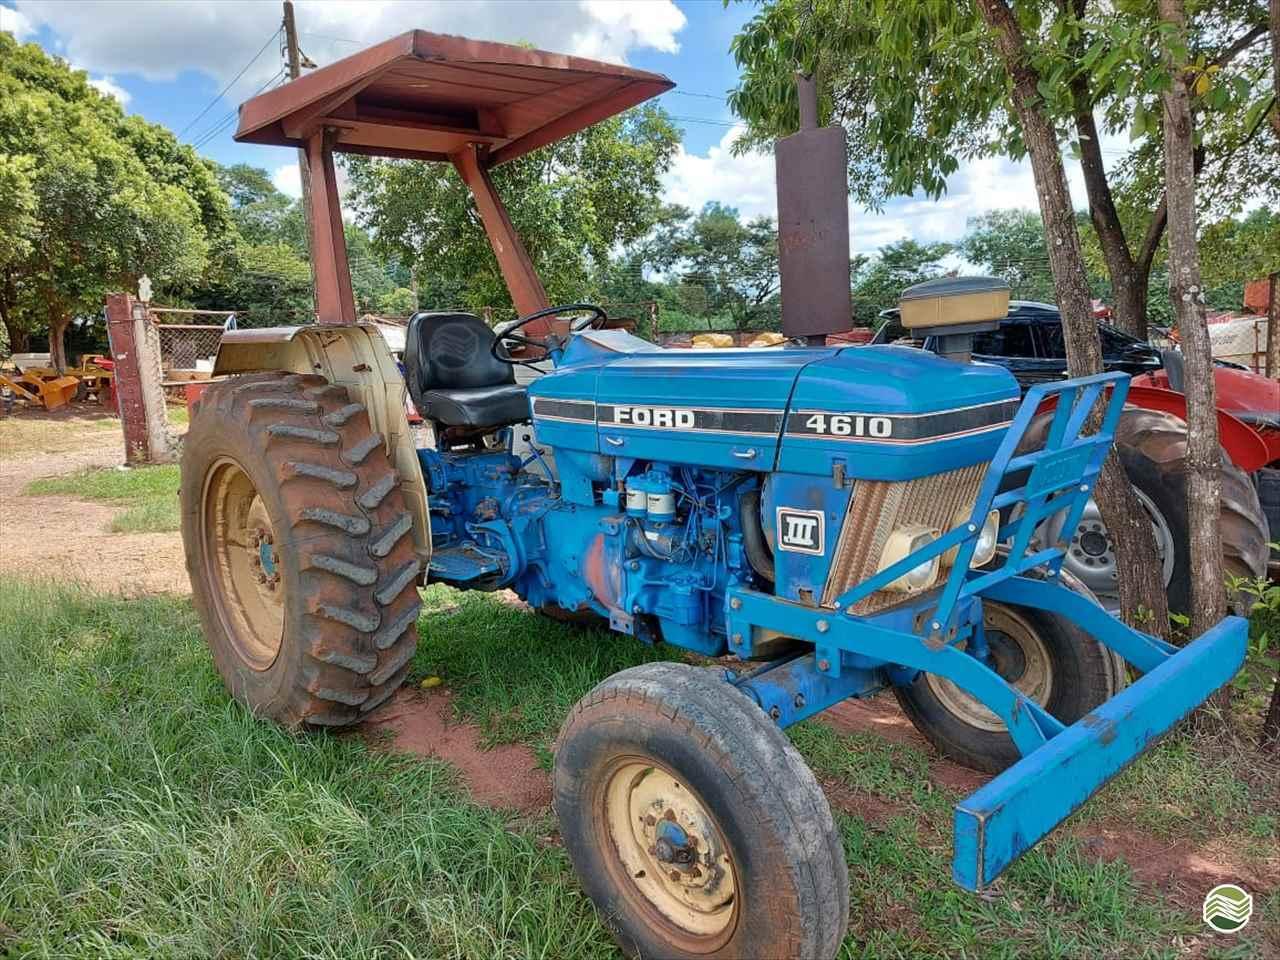 TRATOR FORD FORD 4610 Tração 4x2 Terra Santa Implementos Agrícolas BEBEDOURO SÃO PAULO SP